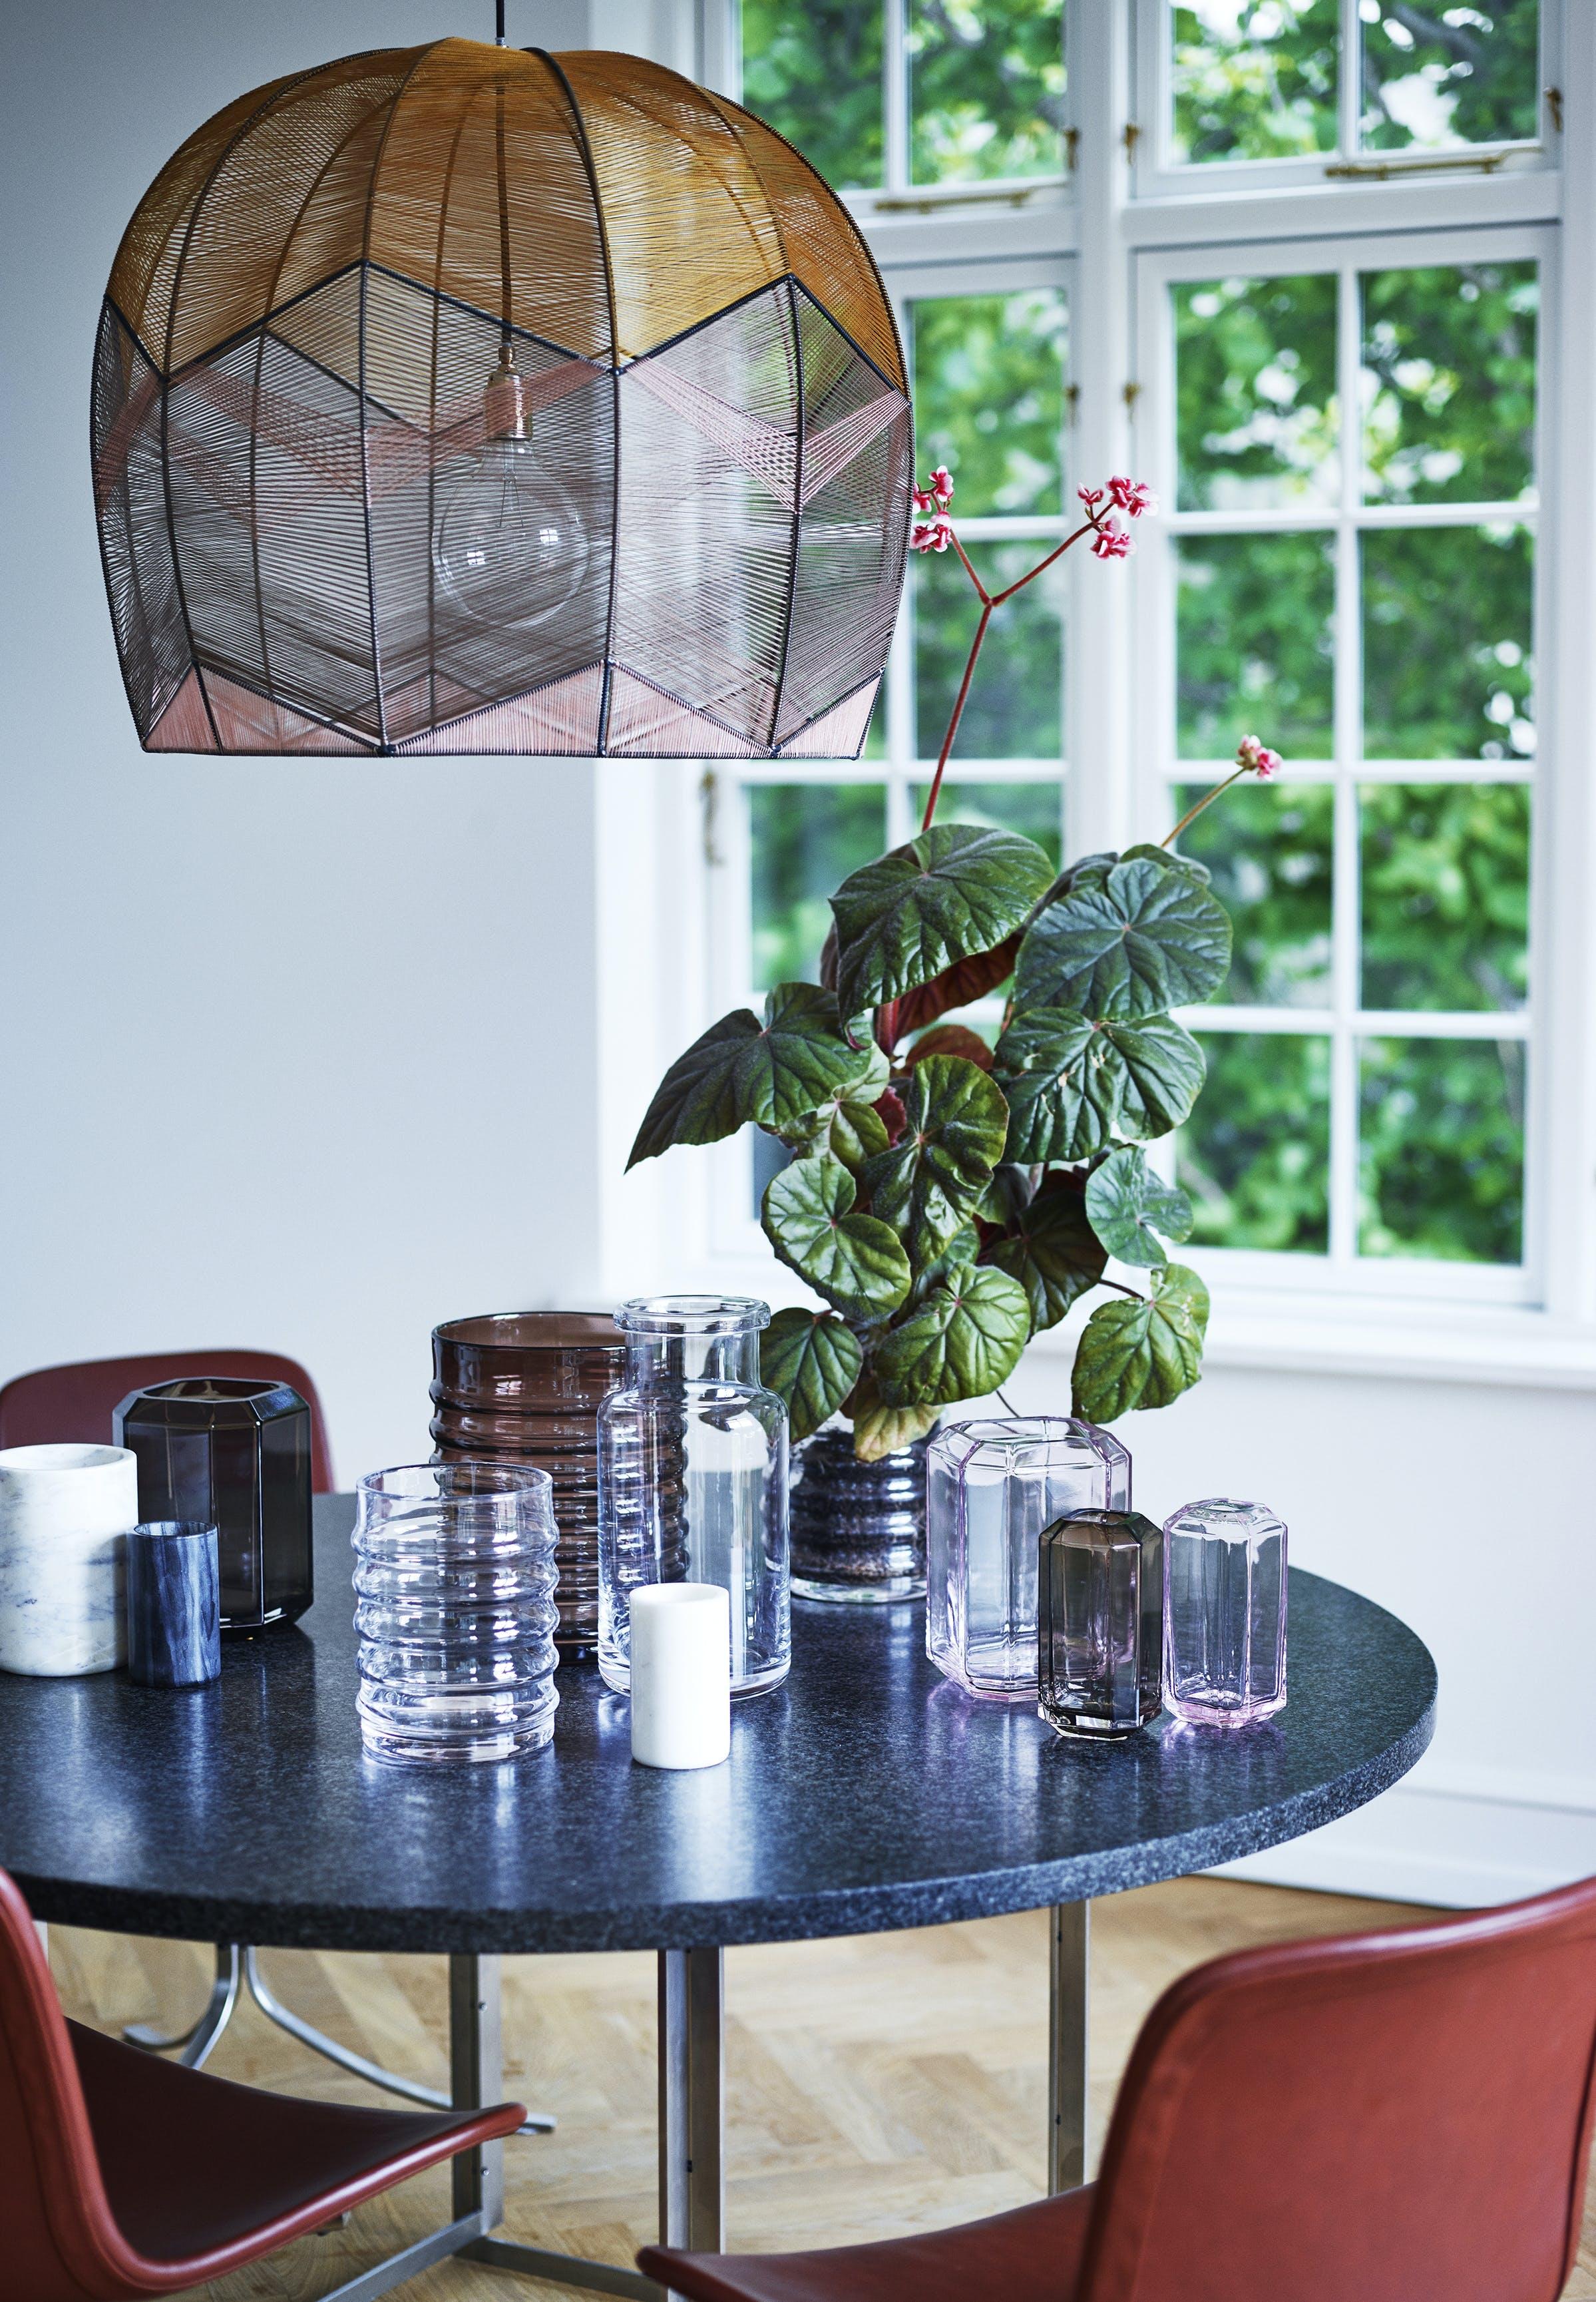 Et miks af produkter fra Louise Roe Copenhagen